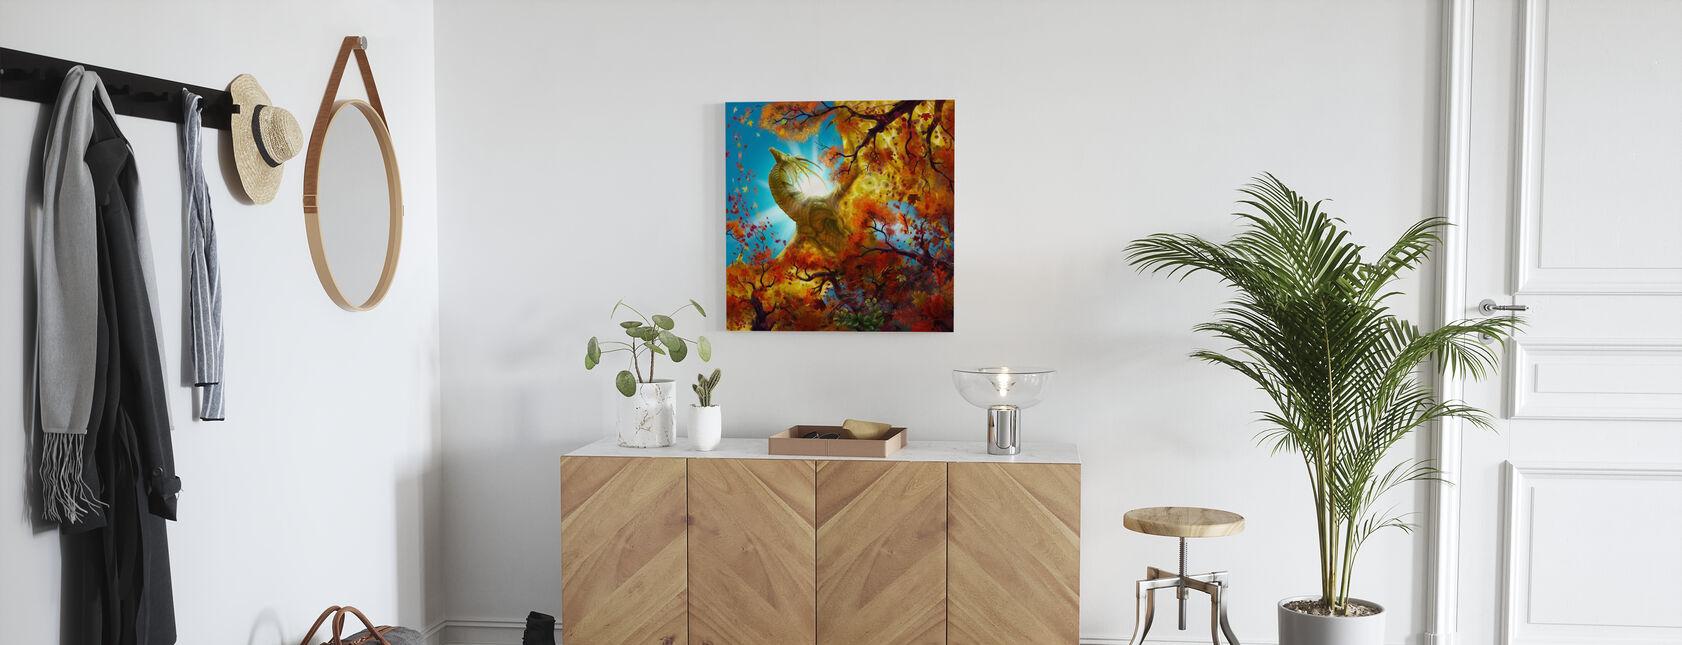 Keltainen lohikäärme Flying yli syksyn - Canvastaulu - Aula